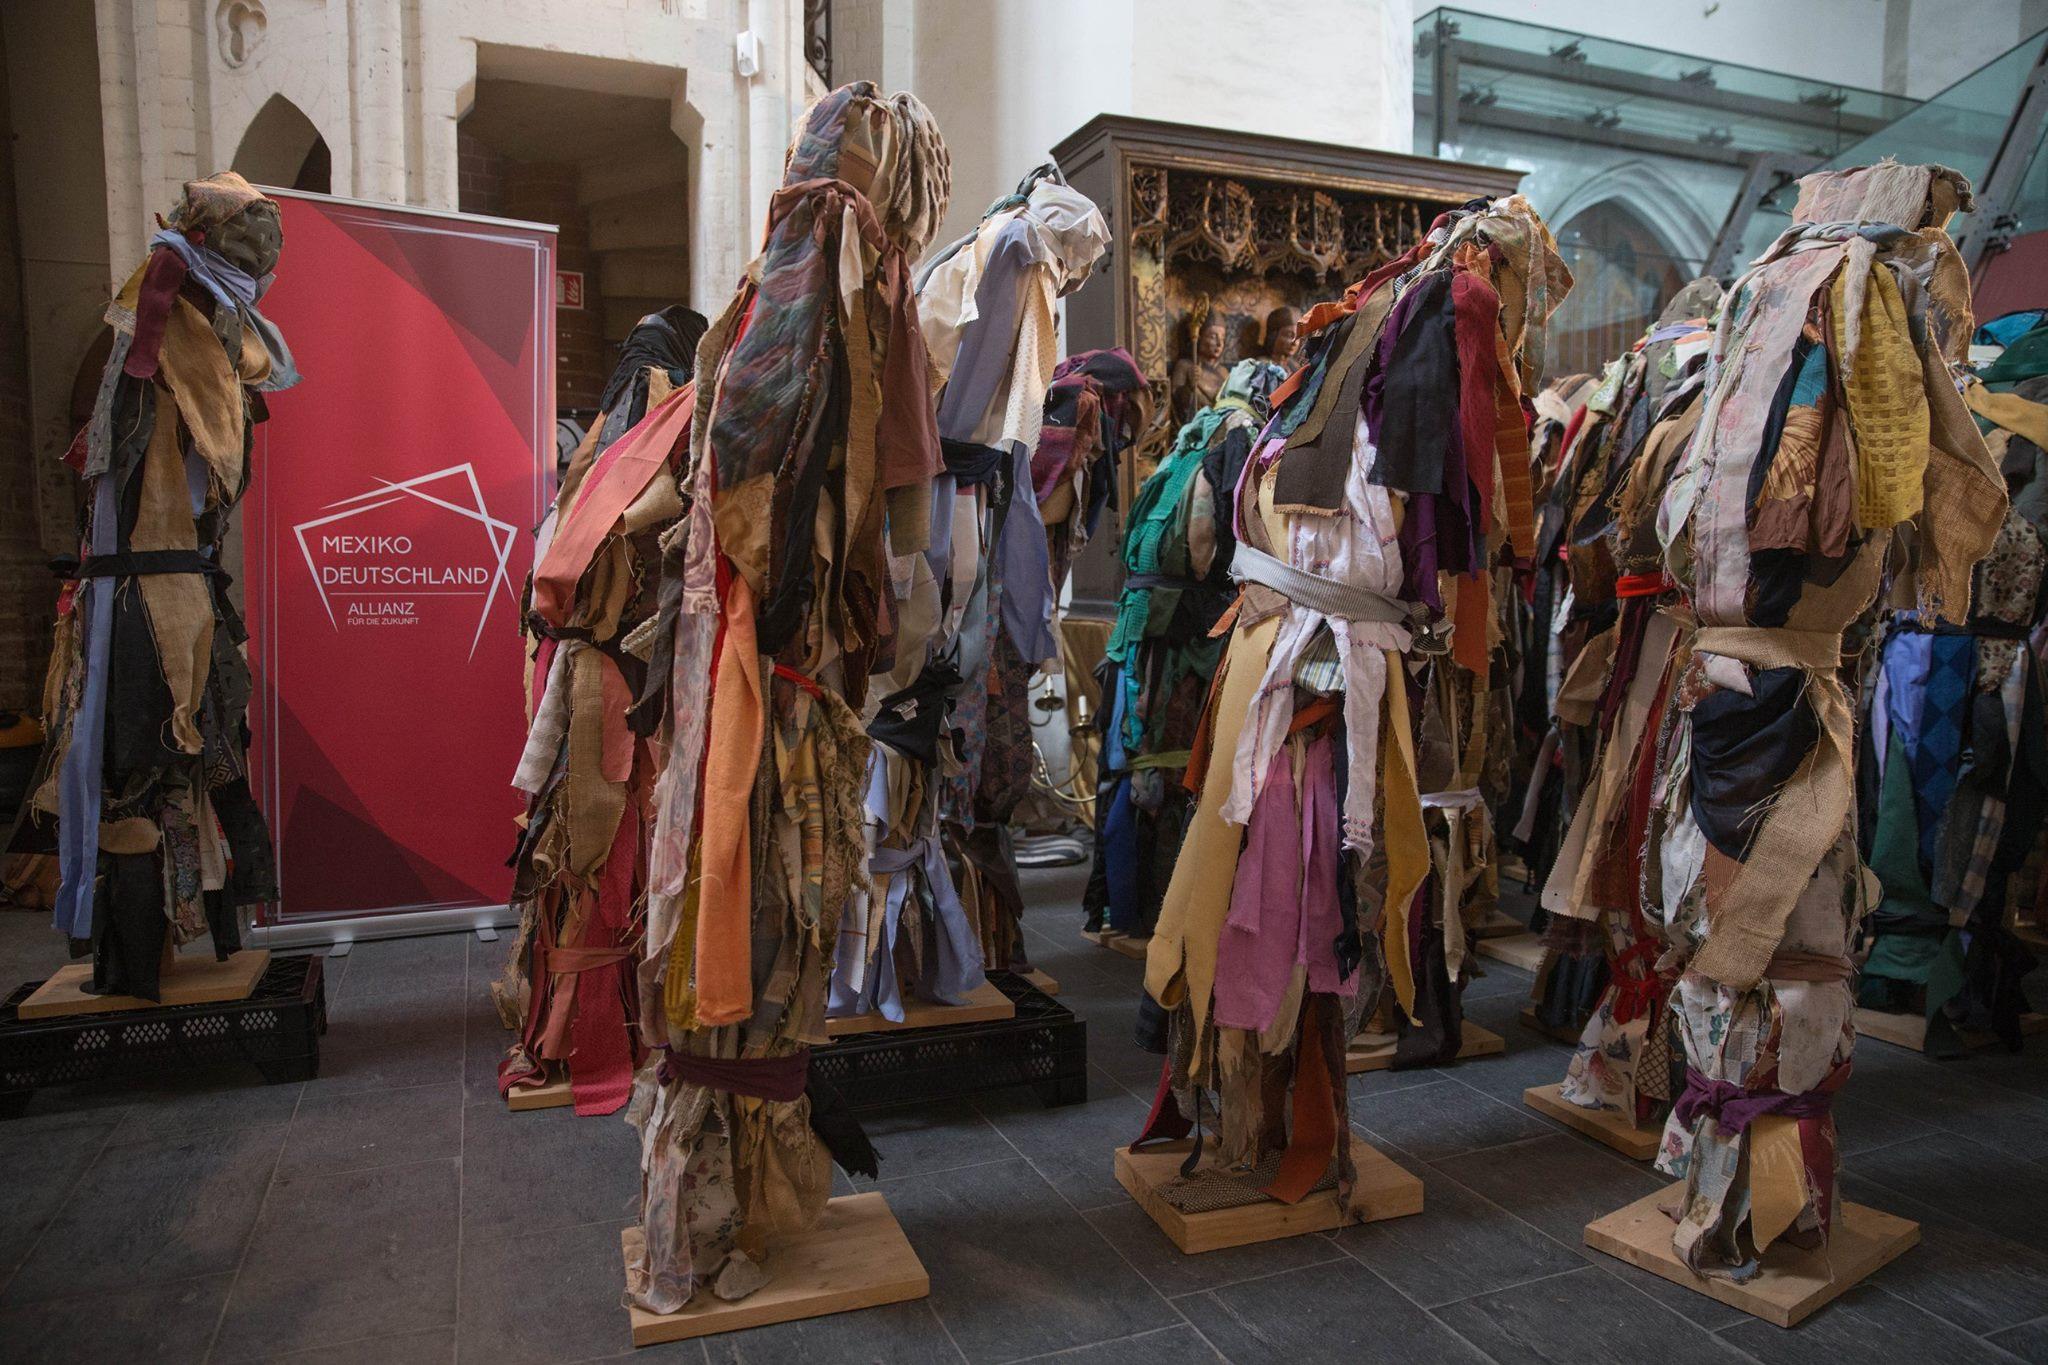 Exposición de una artista mexicana en Alemania.